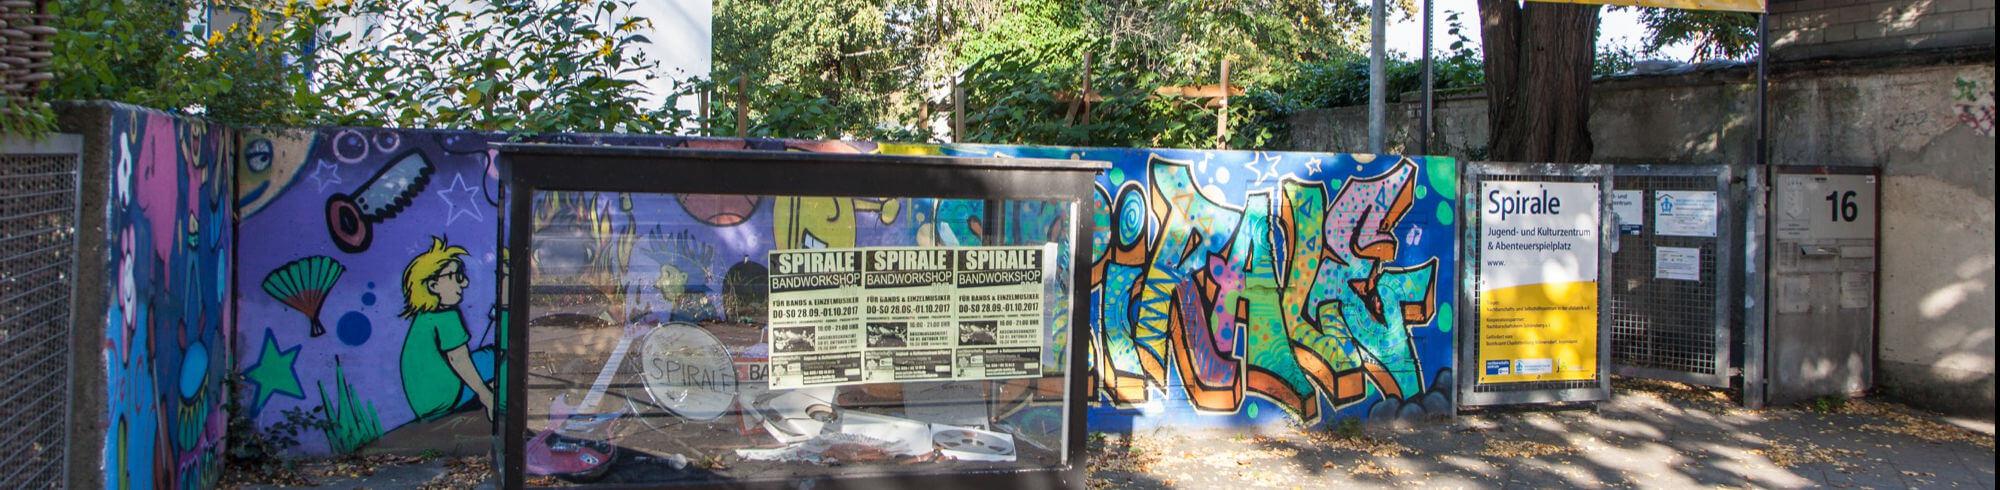 Der Eingang der Spirale mit buntem Grafitti